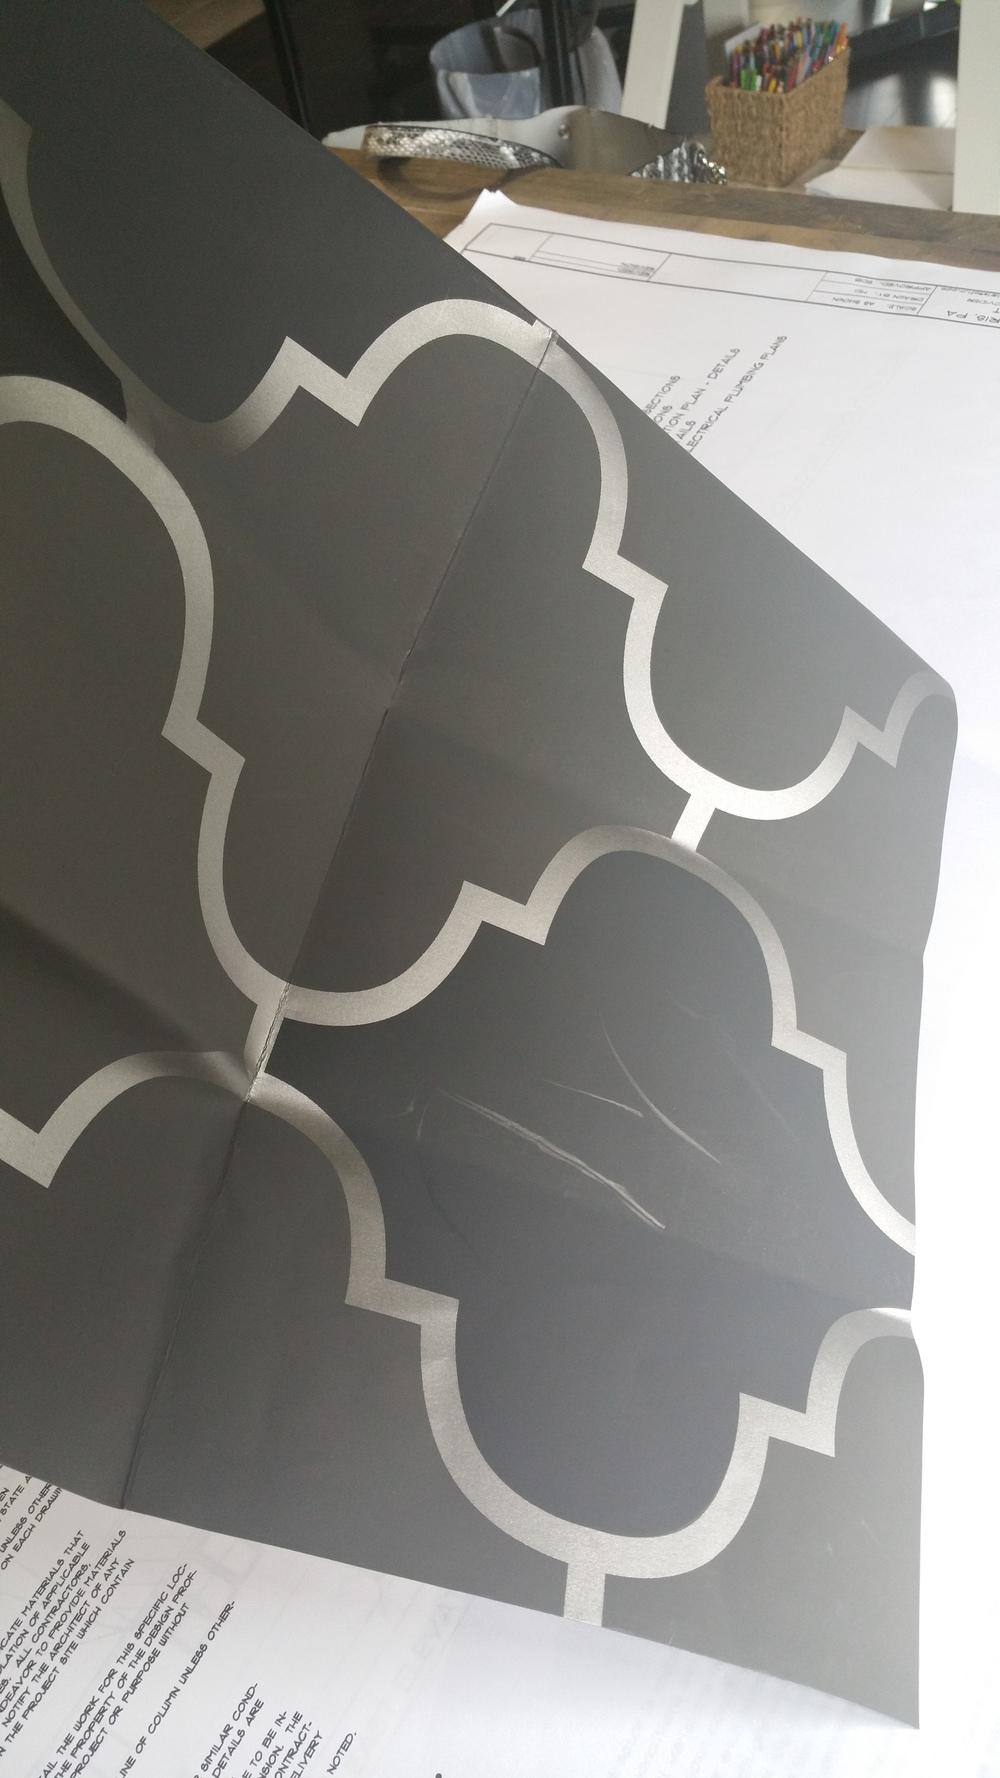 marilyn ashley design - wallpaper - interior design